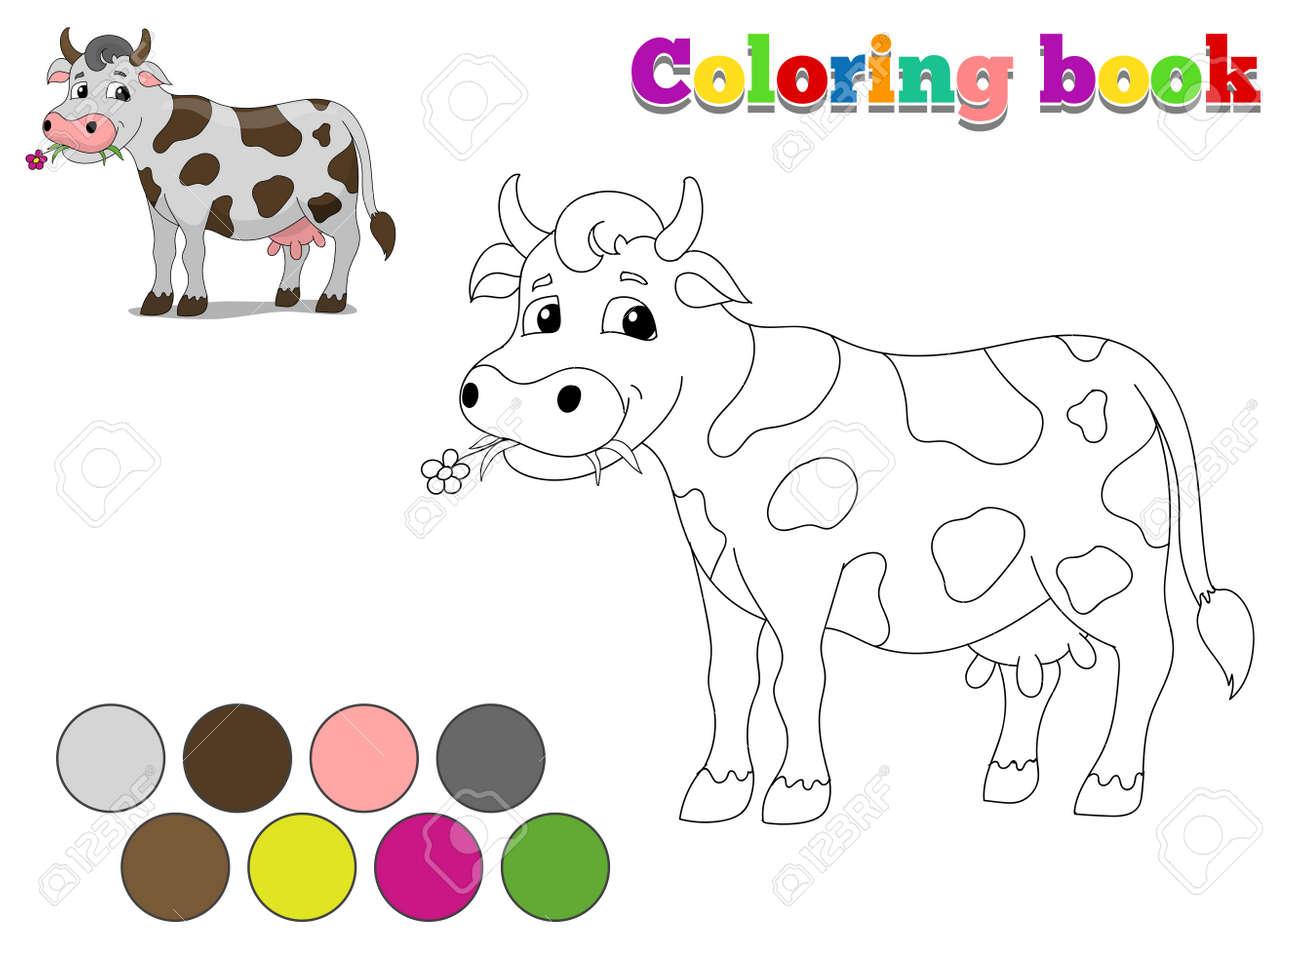 libro para colorear niños vaca diseño para dibujos animados juego